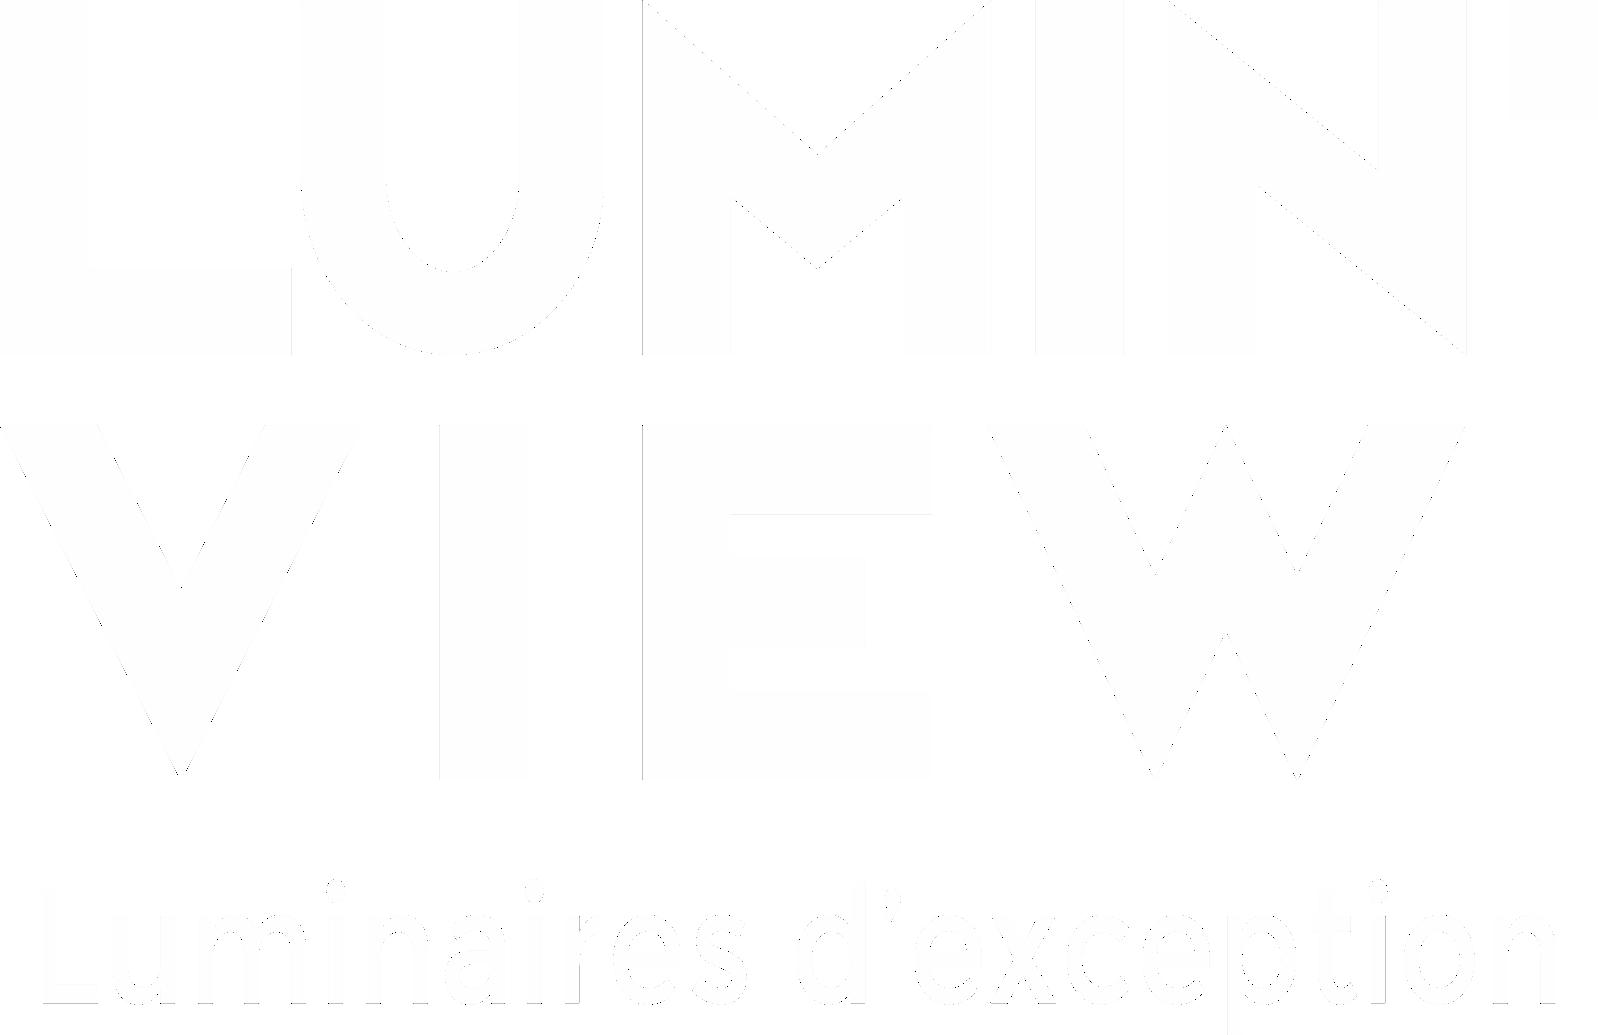 les gammes de luminview